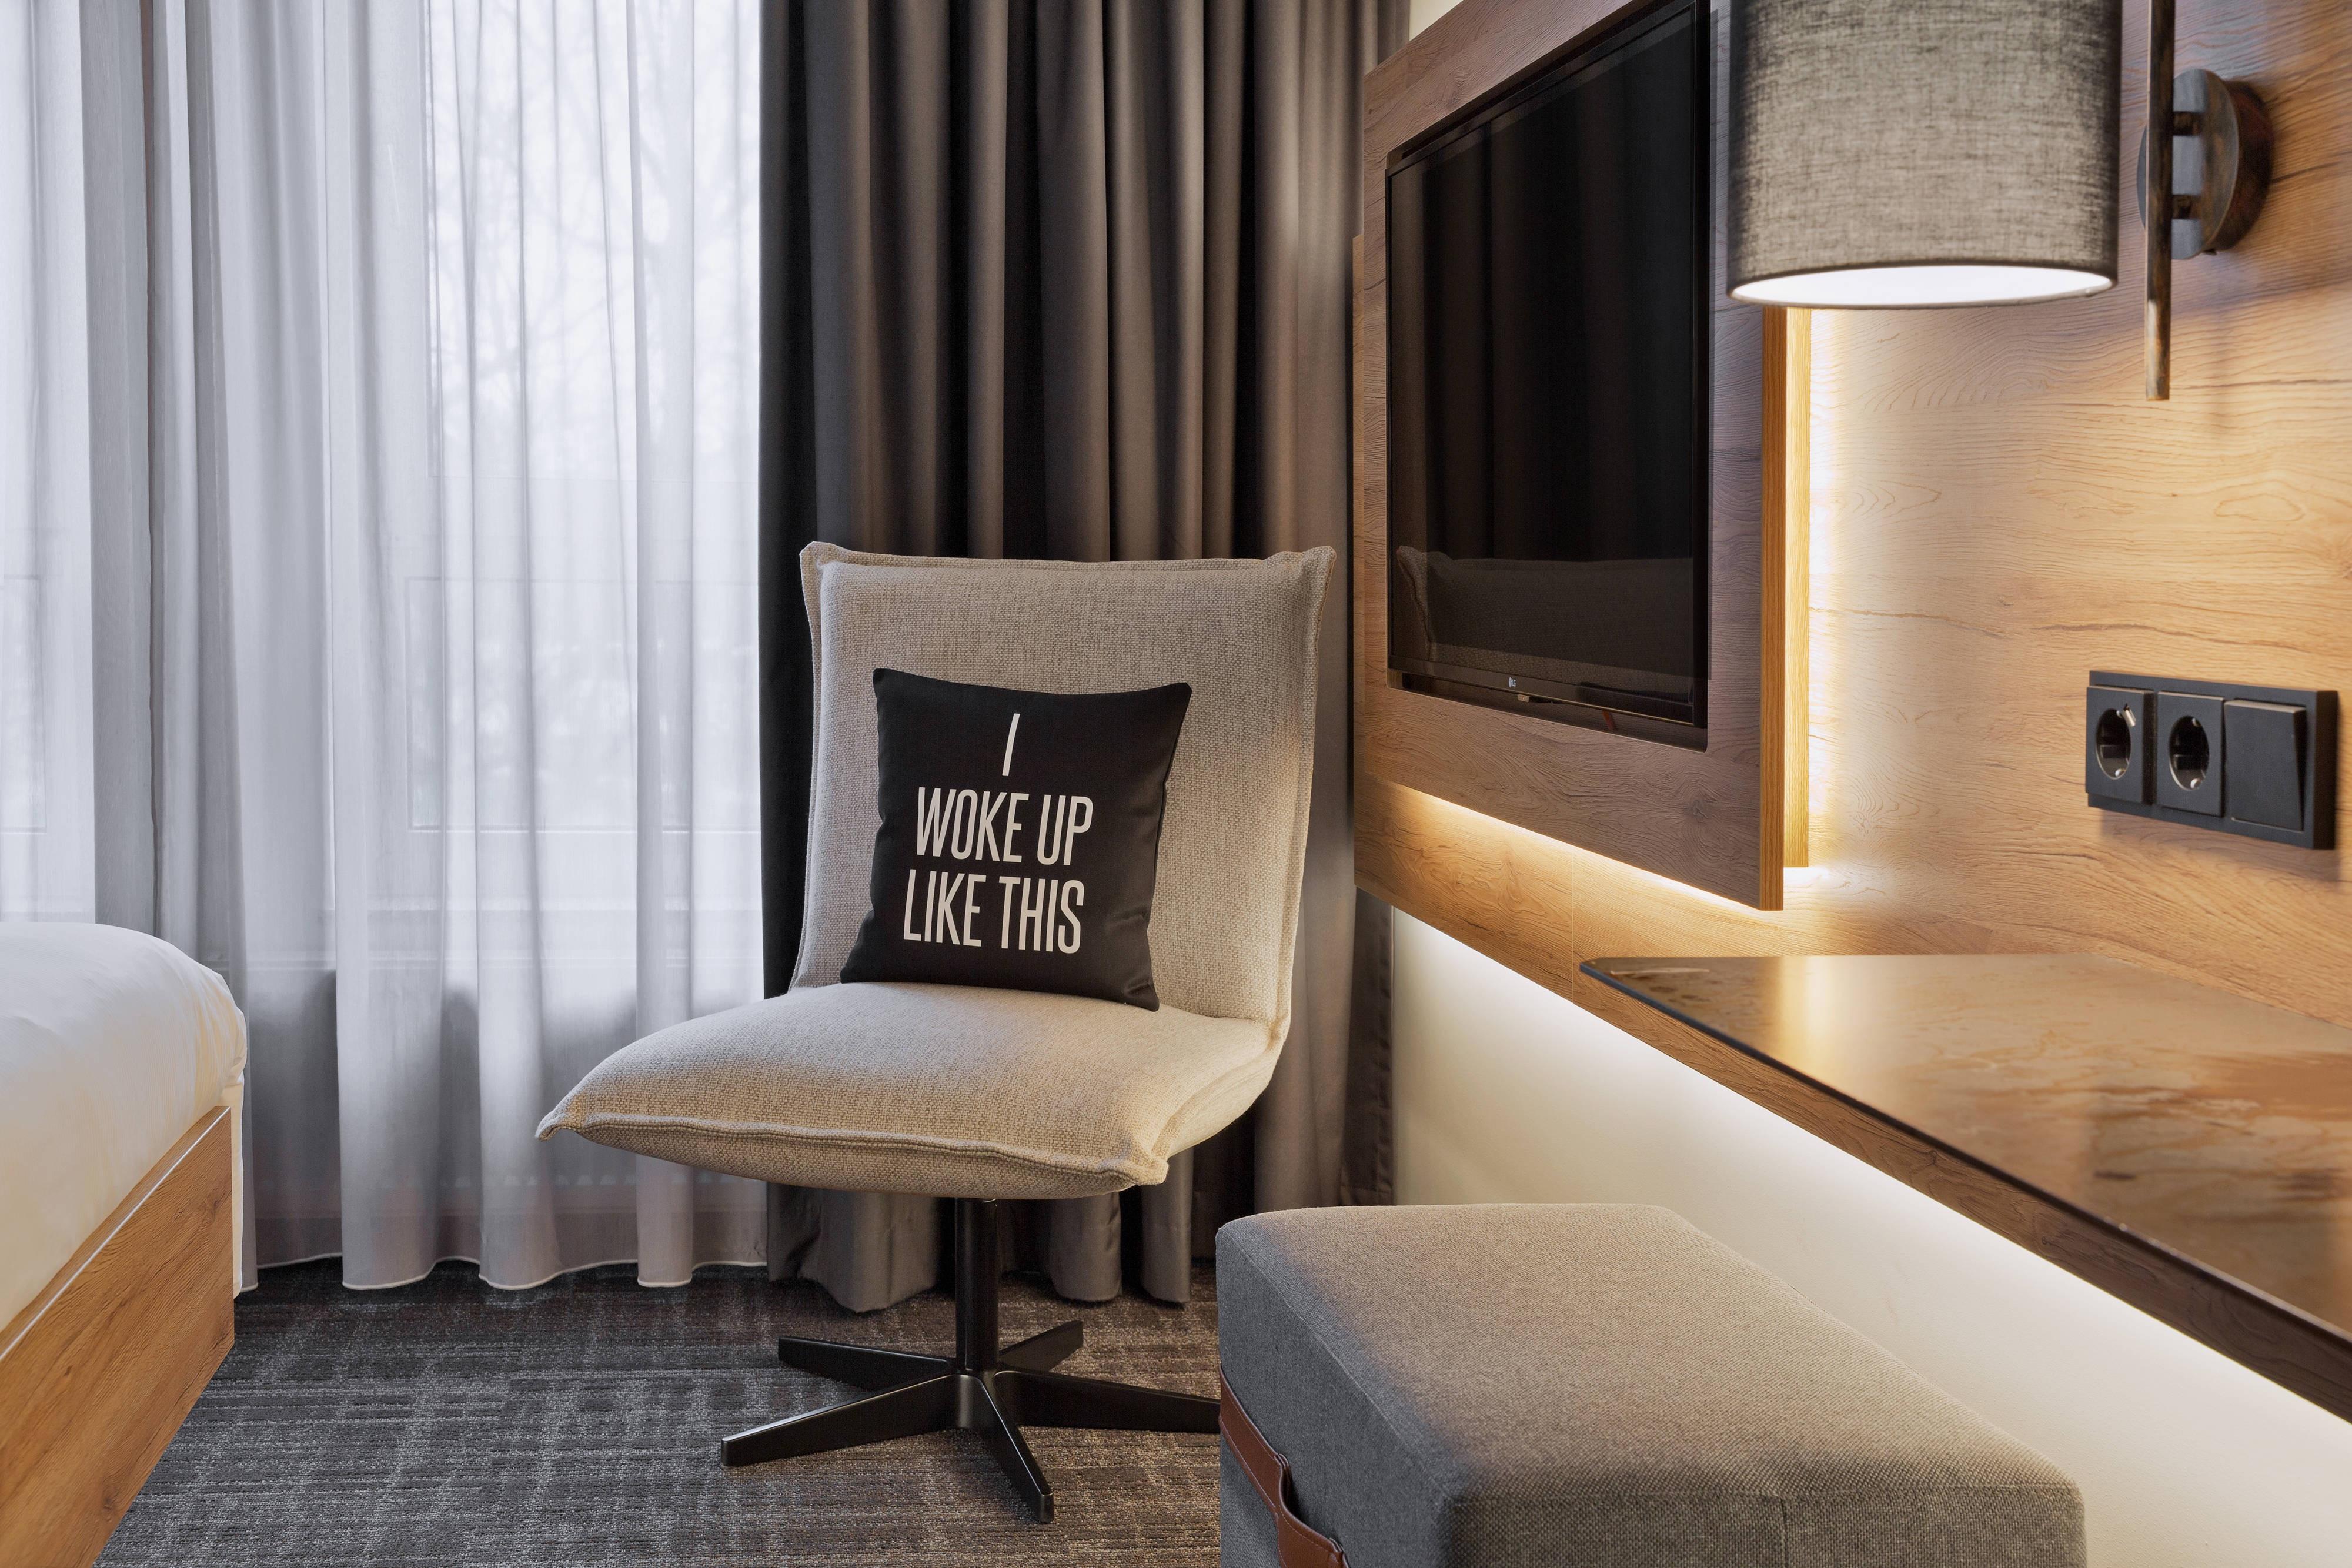 Крупный план номера в отеле Мокси